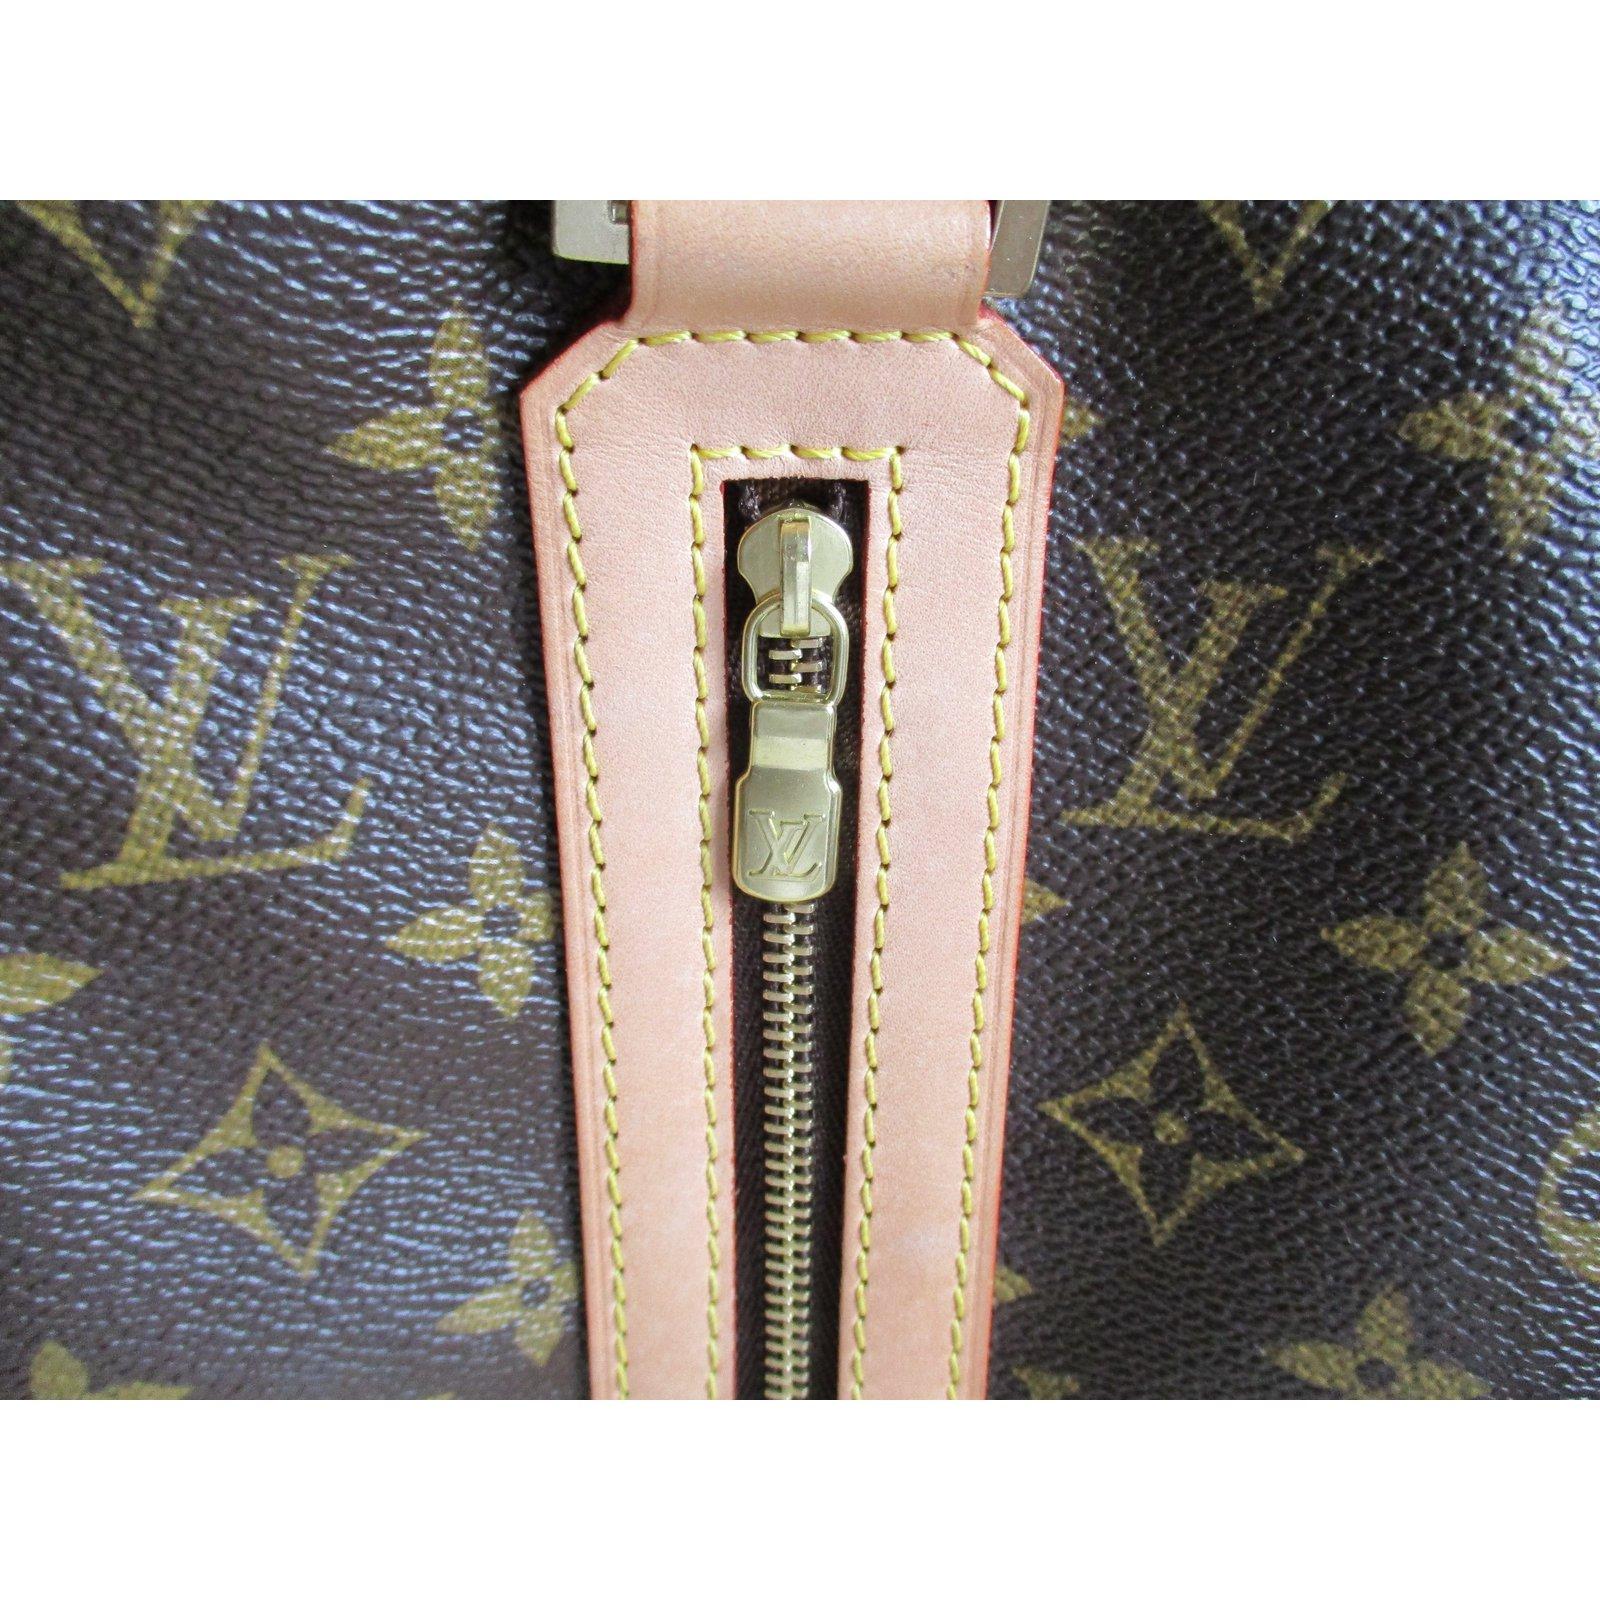 11e899b8350b Sacs à main Louis Vuitton Sac, porte document, cartable, sac de voyage,  laptop case Cuir Marron ref.93461 - Joli Closet